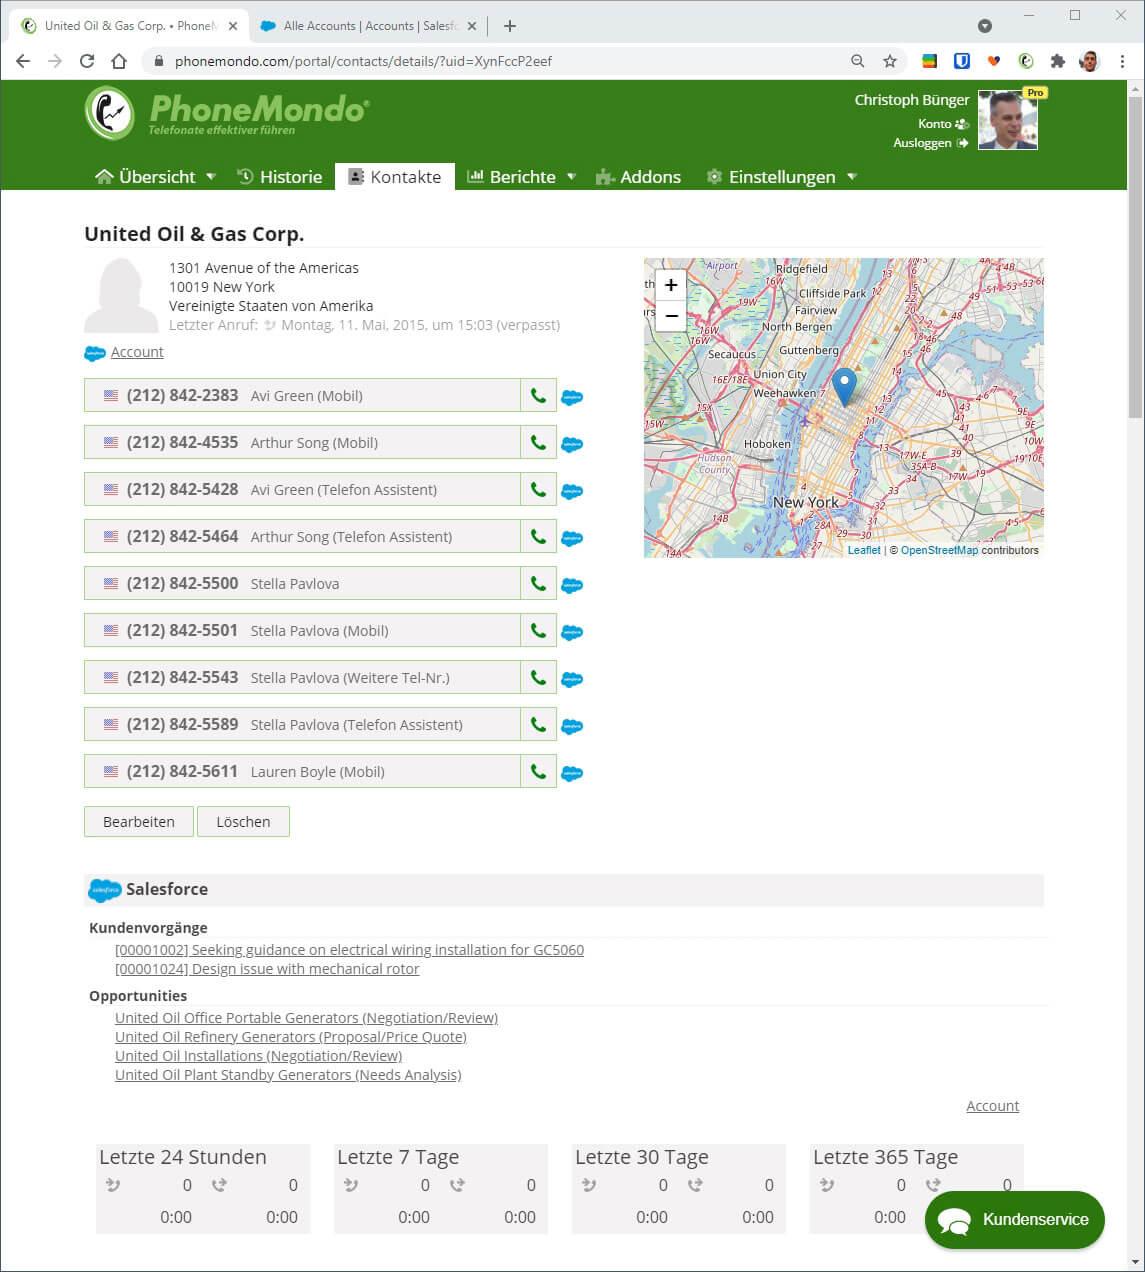 Salesforce Daten in PhoneMondo